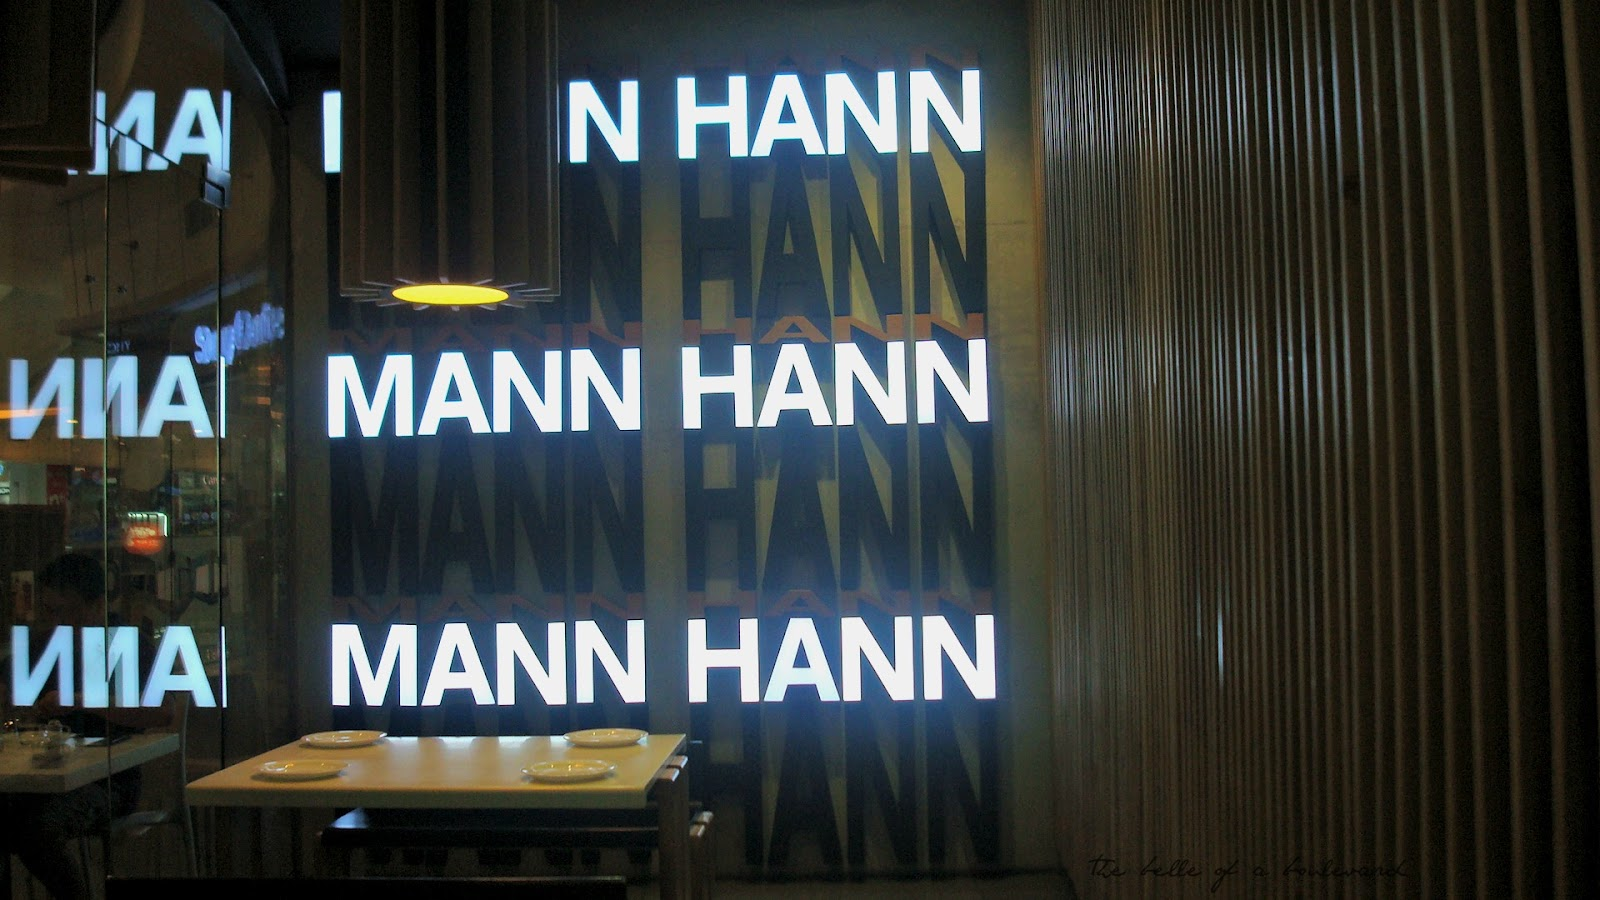 Mann Hann